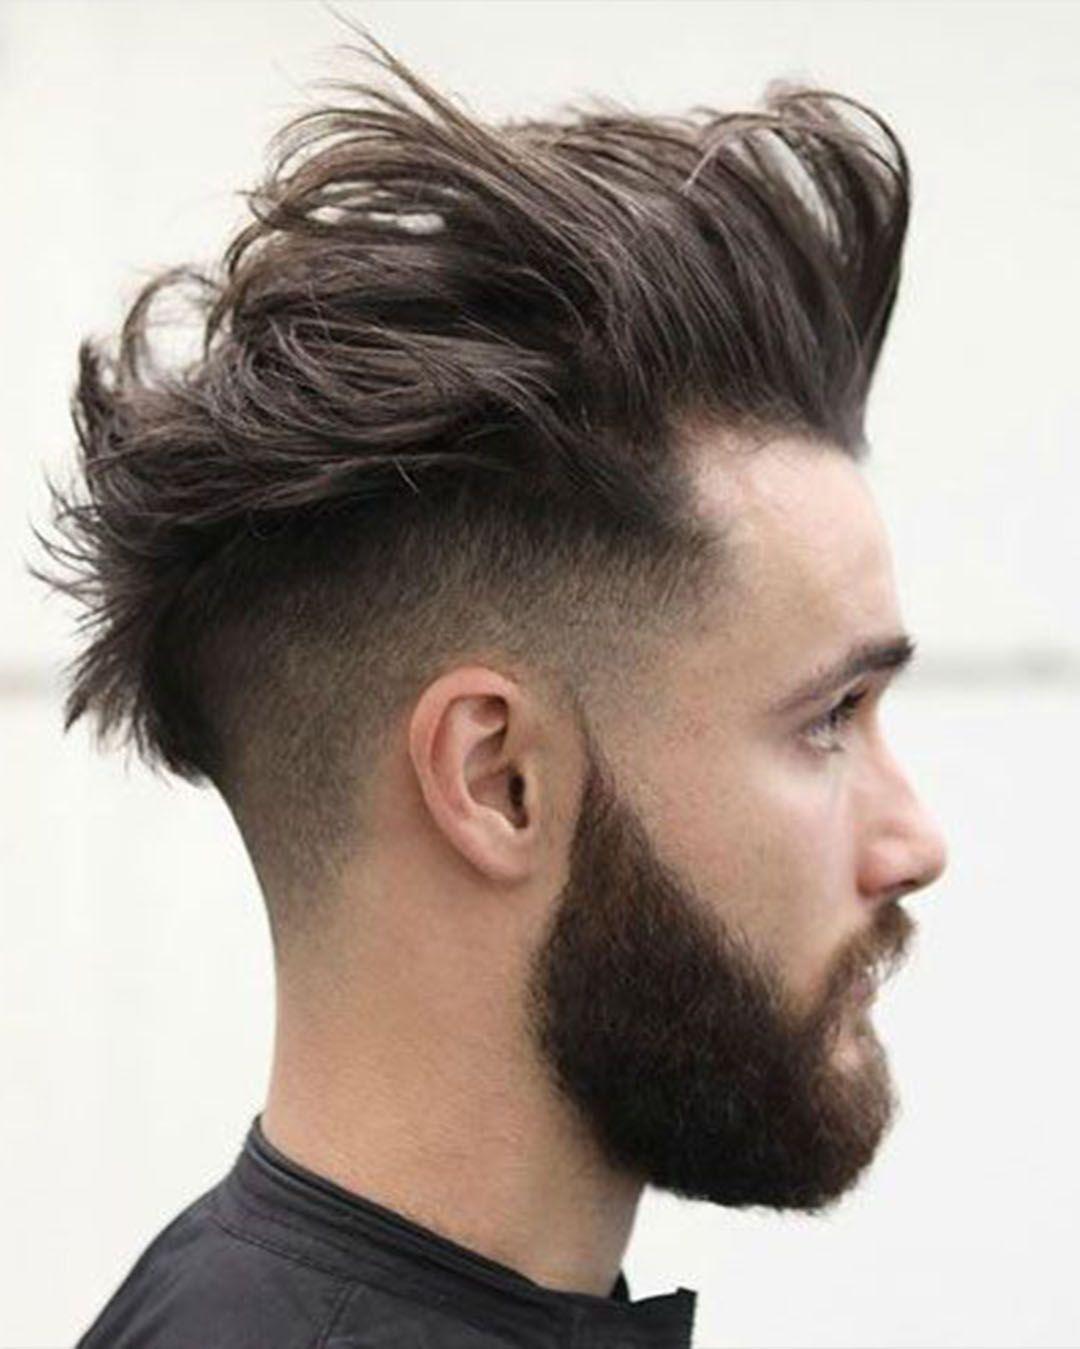 Peinados Para Cabello Largo Hombres Que No Conocias Si Tienes El Cabello Largo Y Quieres Co Oval Face Haircuts Mens Hairstyles Thick Hair Long Hair Styles Men